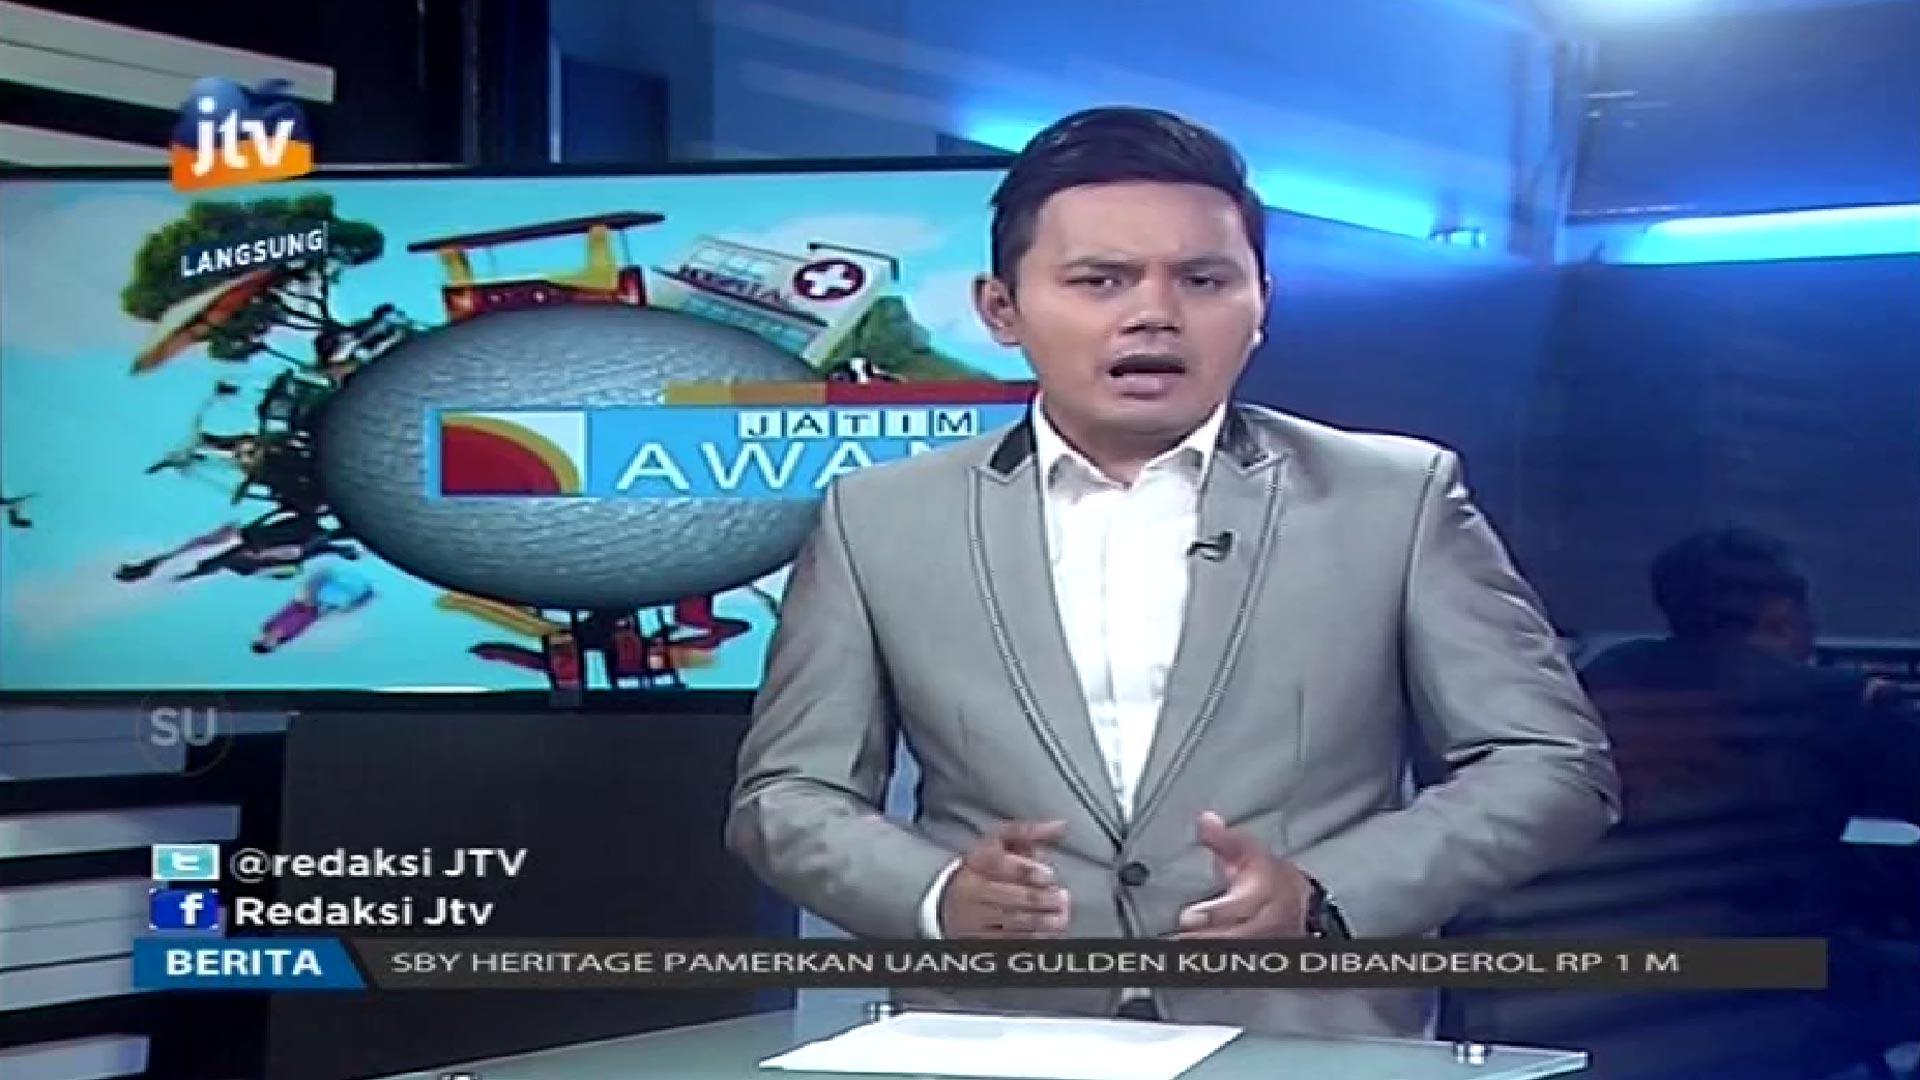 Frekuensi siaran JTV di satelit ChinaSat 11 Terbaru